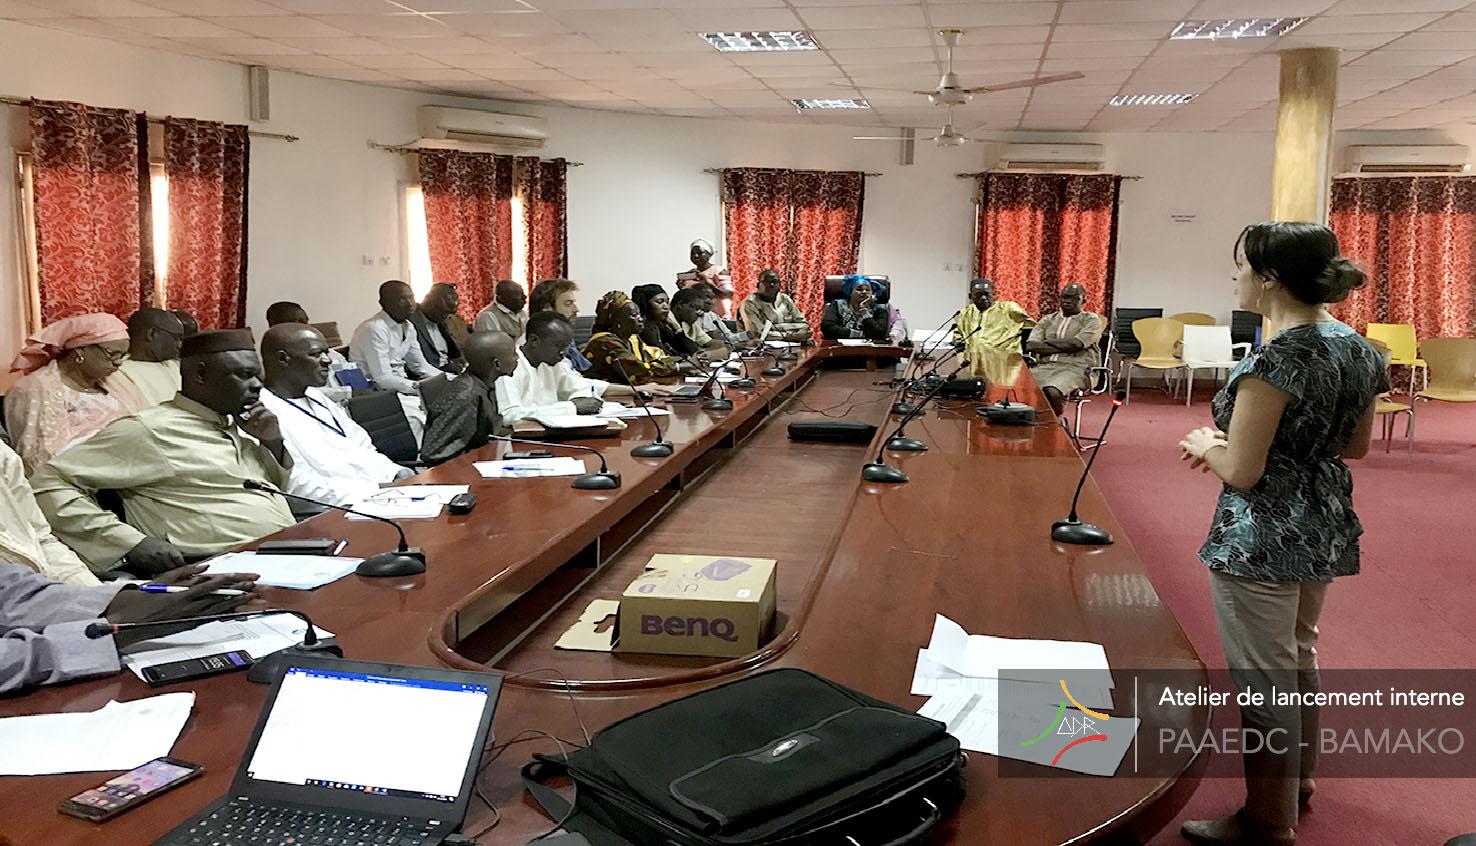 Le District de Bamako sur la bonne voie pour développer son Plan d'action pour l'accès à l'énergie et le climat